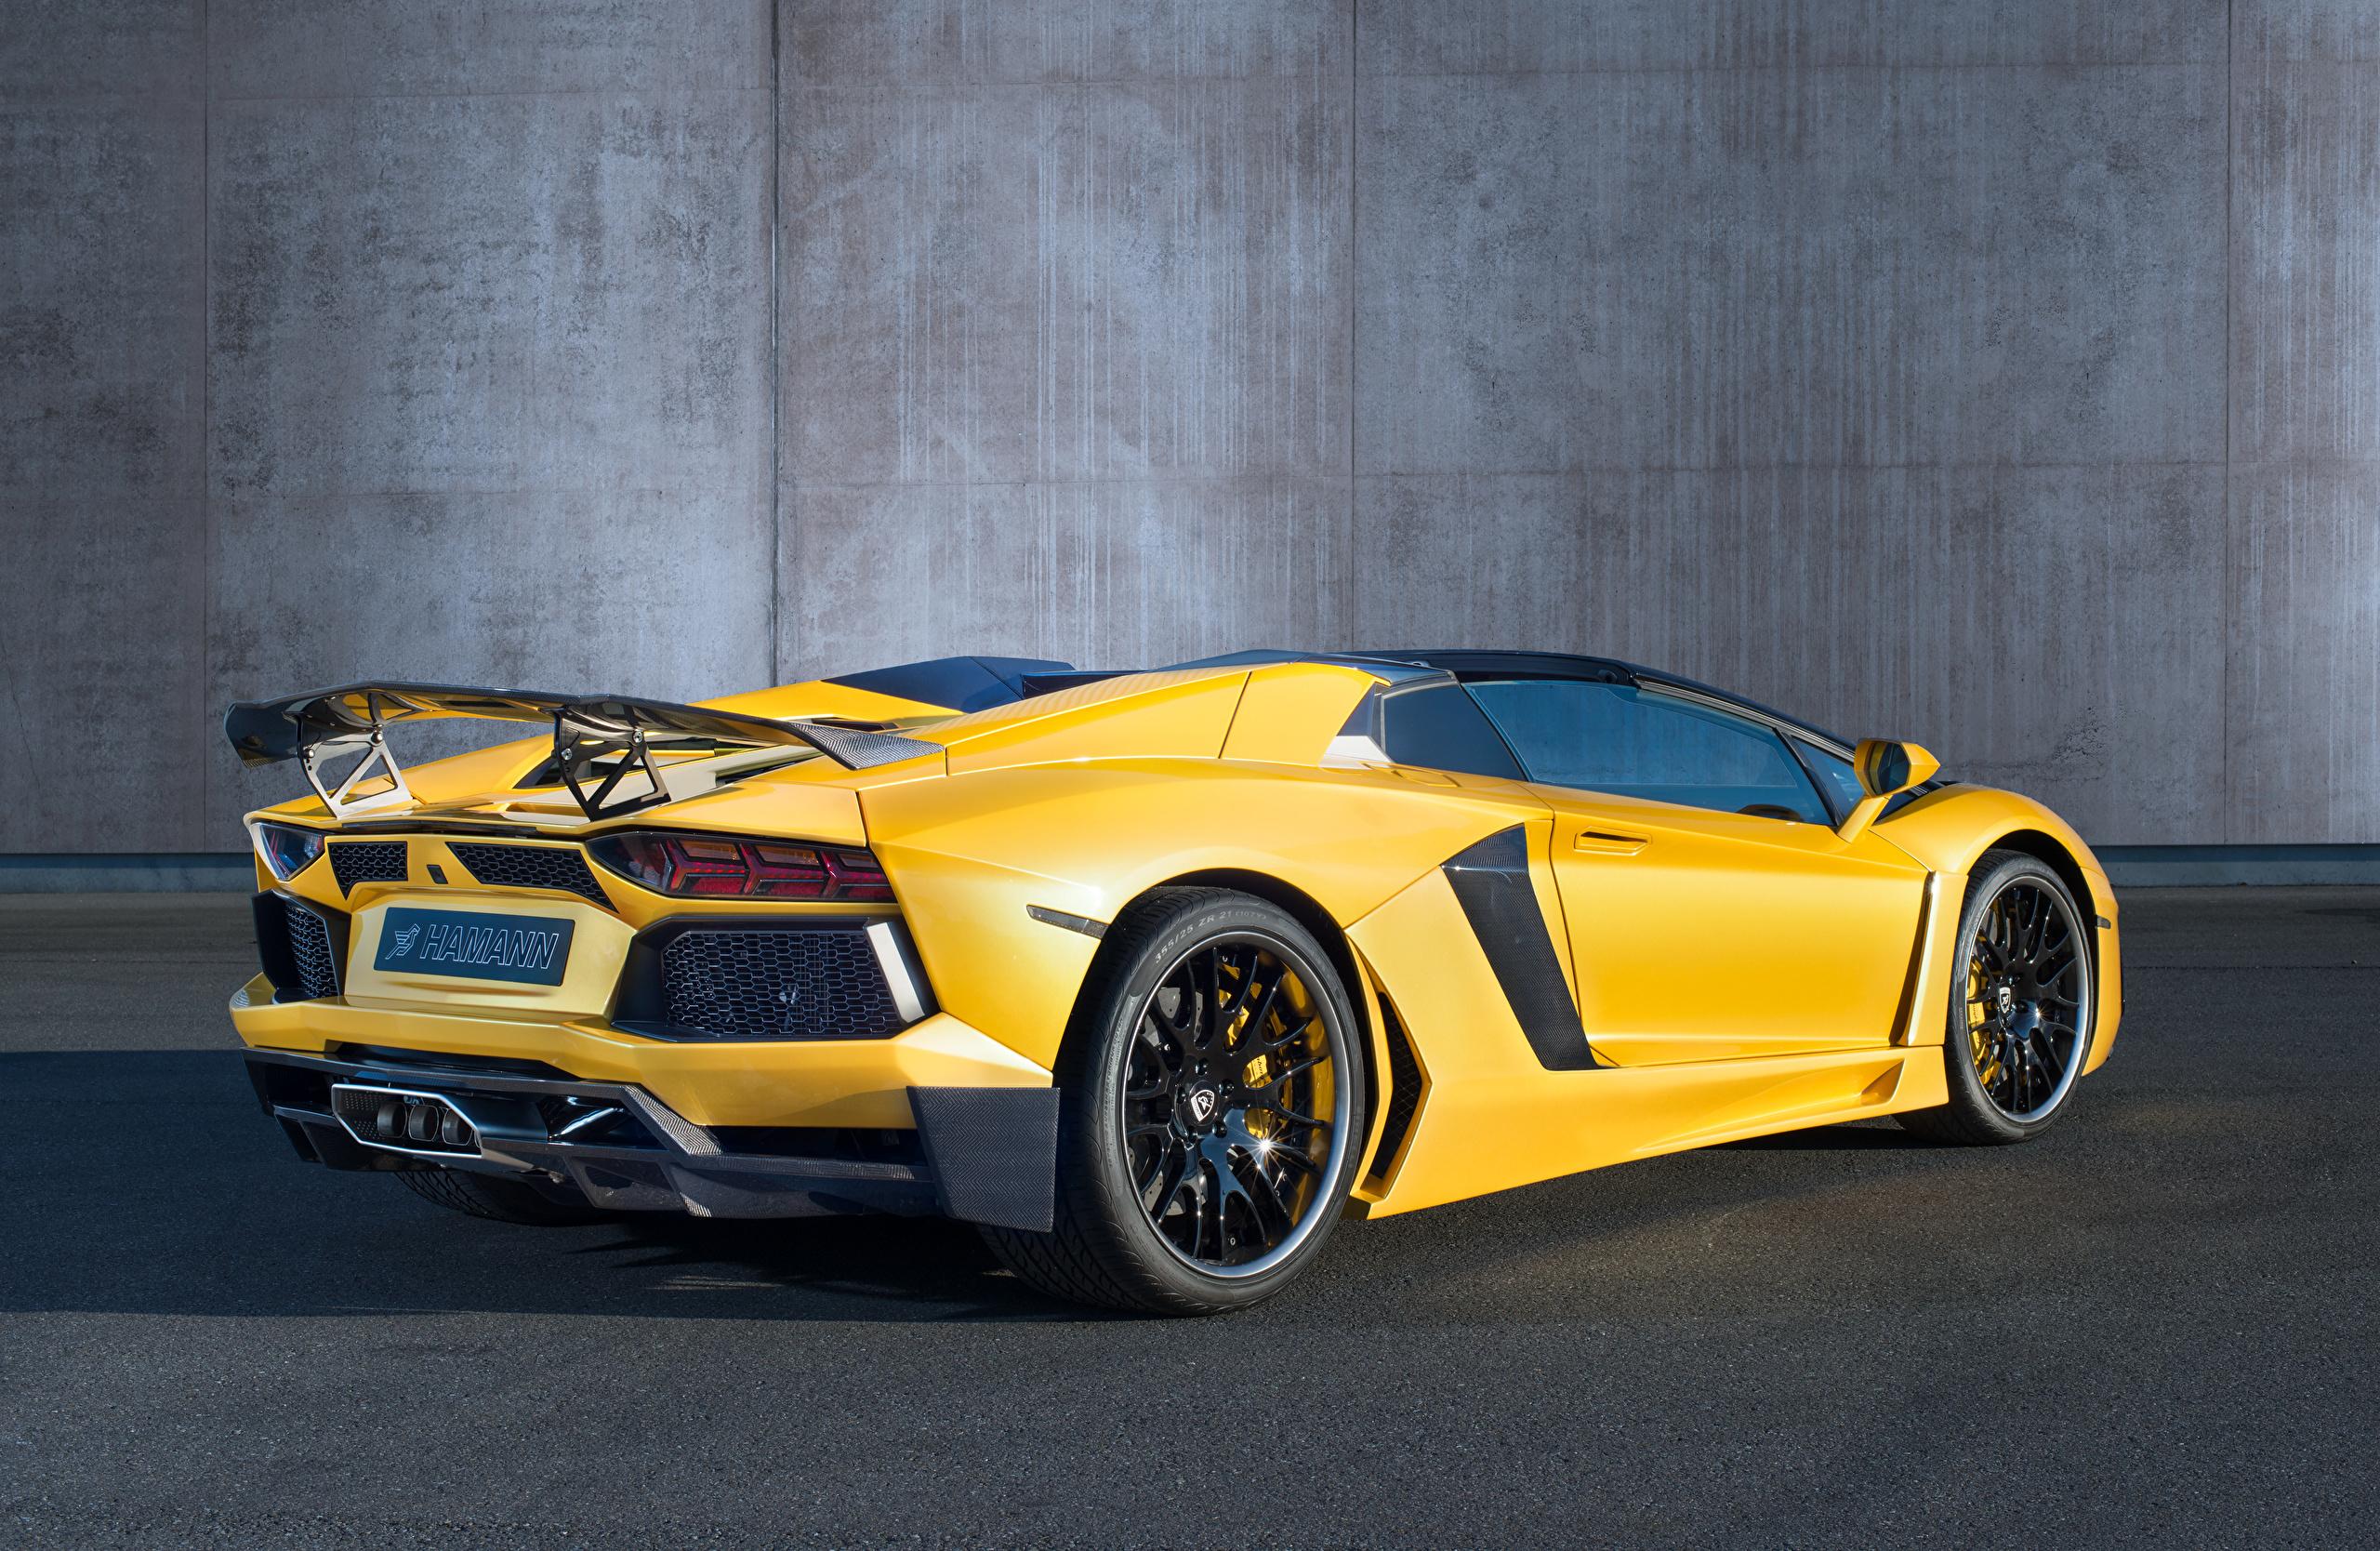 Картинка Ламборгини Hamann Aventador Roadster Limited LB834 Родстер дорогой Желтый вид сзади Автомобили 2560x1668 Lamborghini дорогие дорогая люксовые роскошная Роскошные роскошный желтых желтые желтая авто Сзади машина машины автомобиль